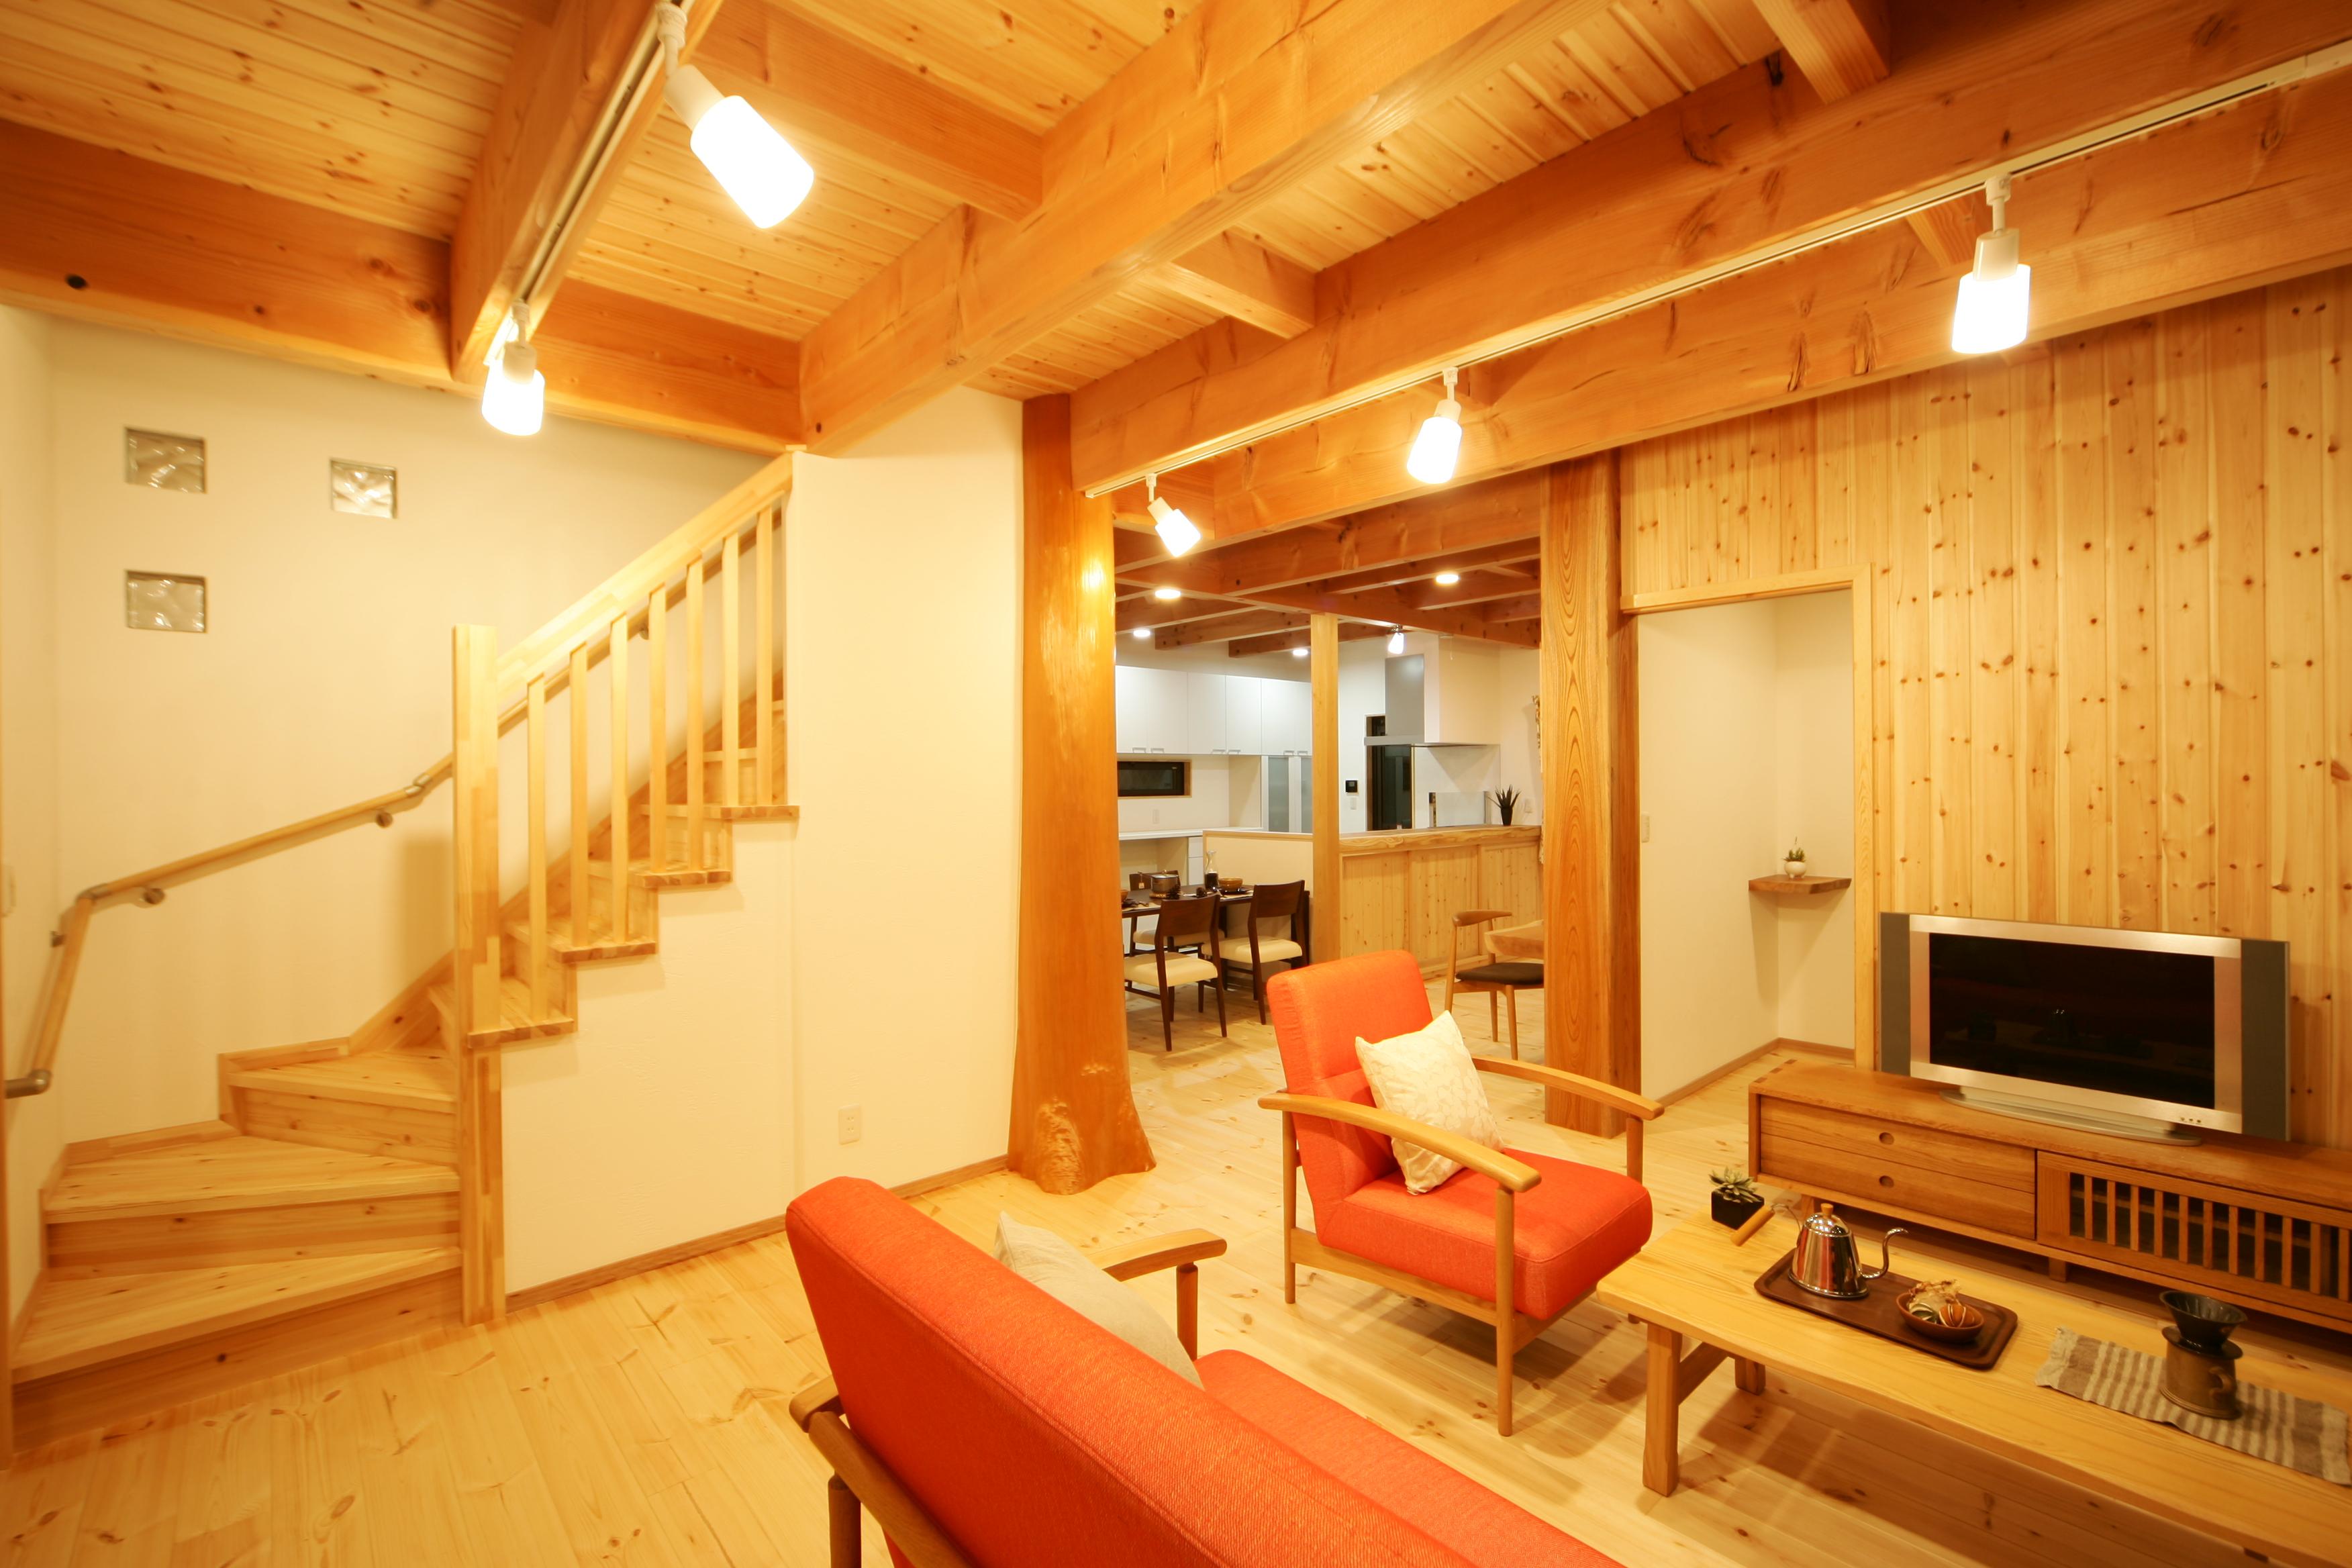 住まいるコーポレーション【子育て、収納力、自然素材】パインの床と天井、珪藻土の壁がおりなすLDKは、自然素材の心地よさに癒されるやさしい空間。天然木と珪藻土の調湿効果や防臭効果により、家の中の空気はいつもクリーン